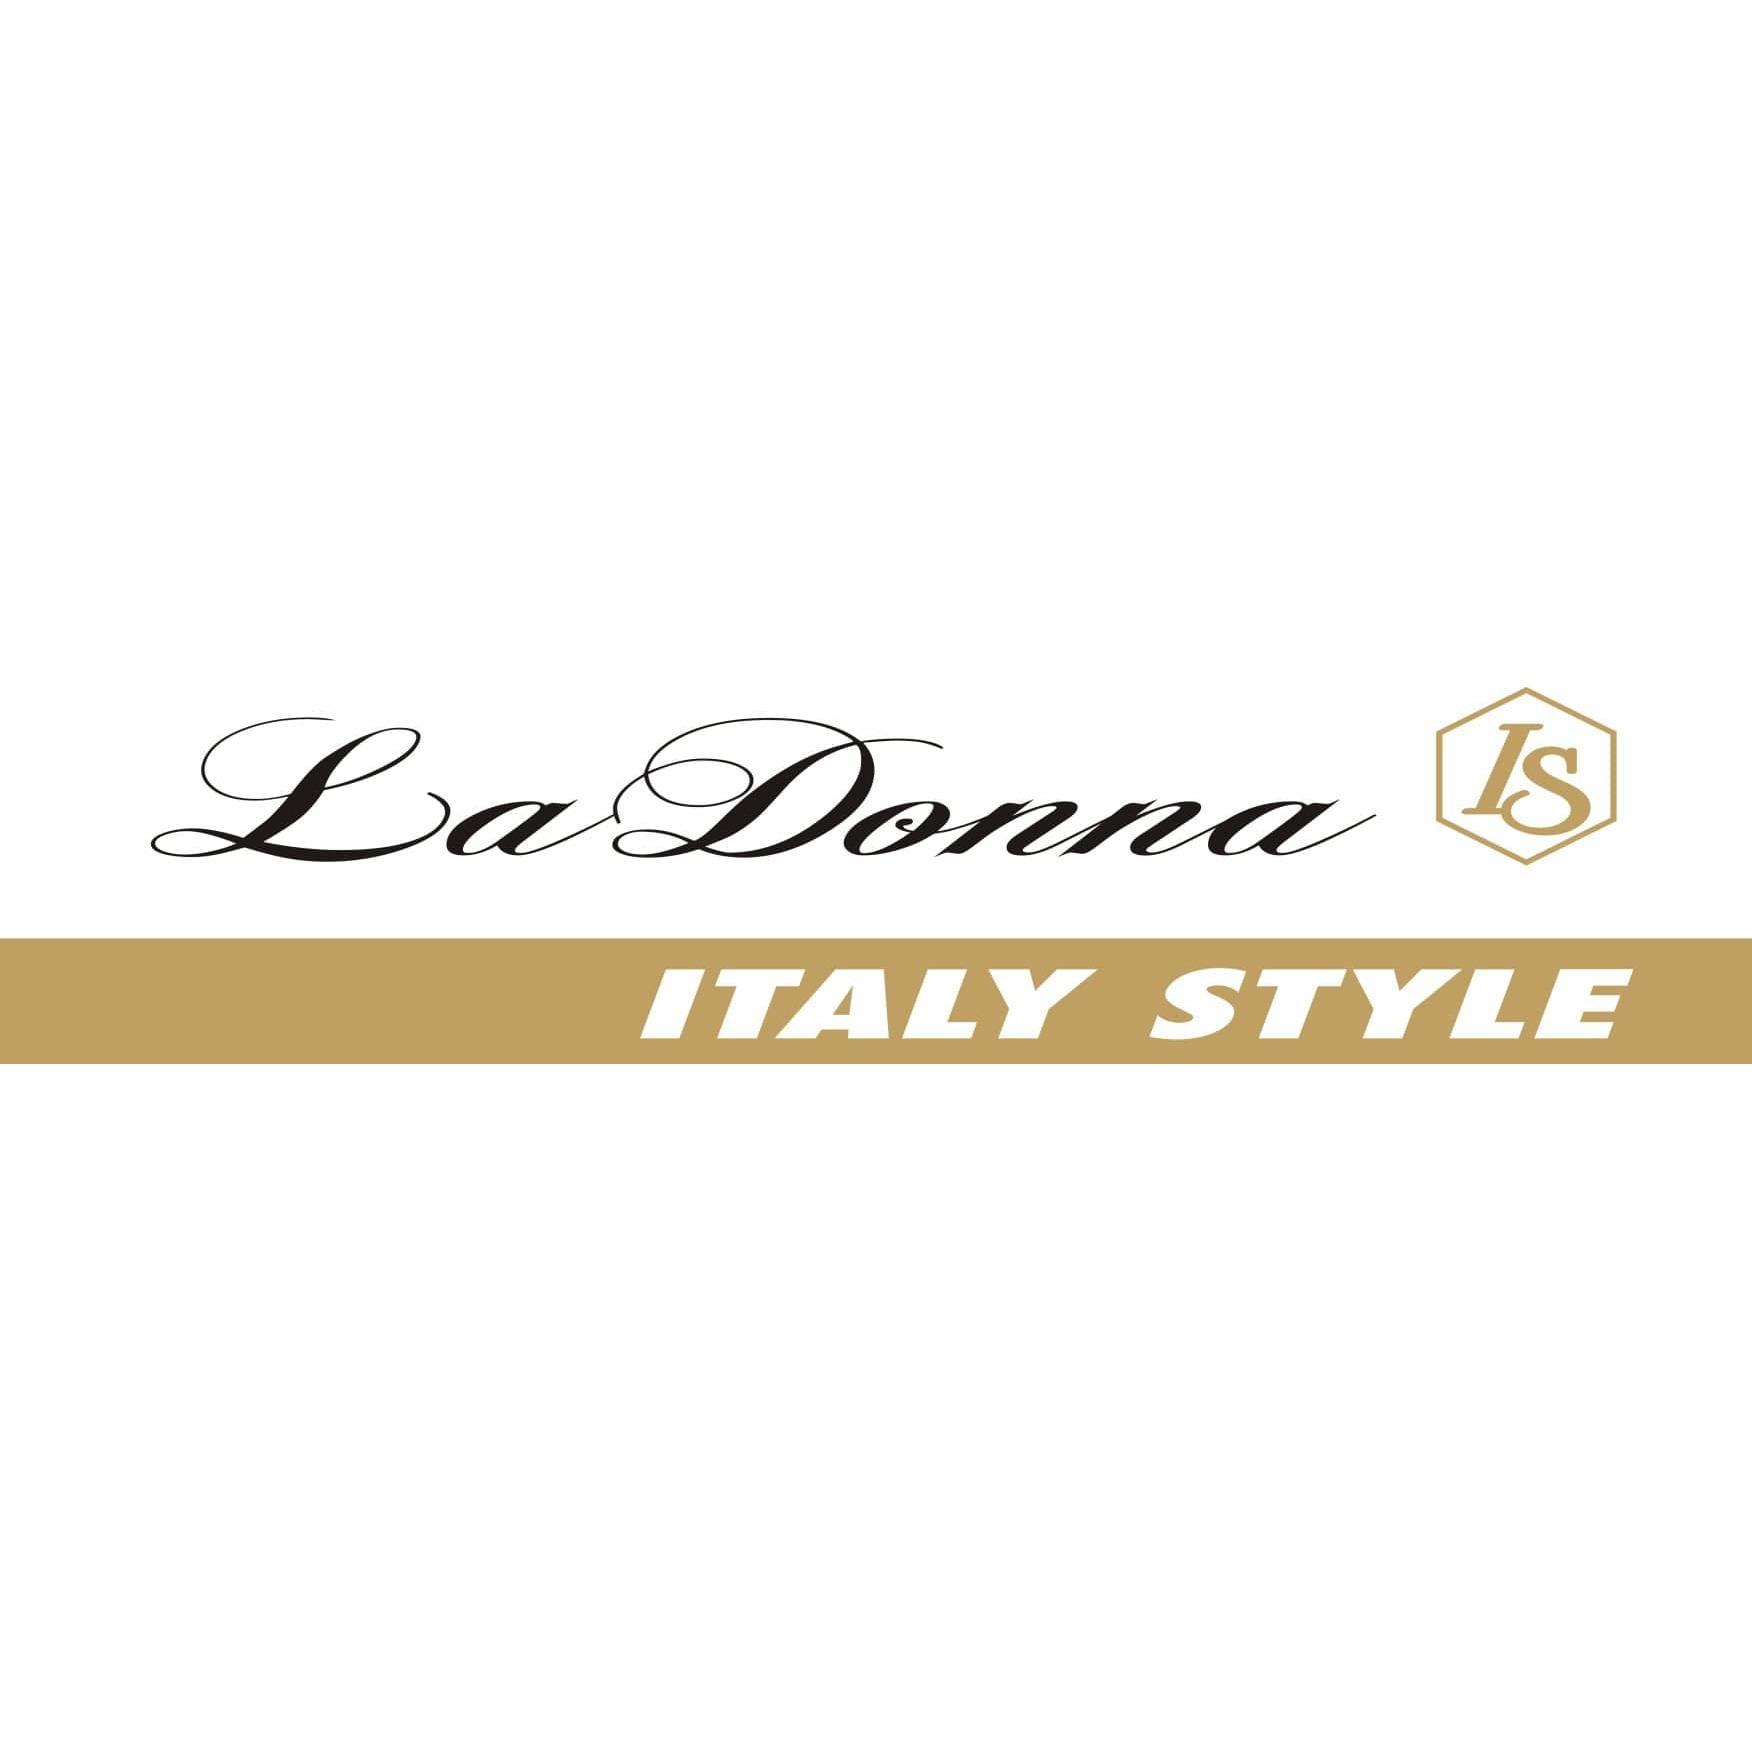 6a676a713c28 luxusnú dámsku značkovú módu  DENNY … luxusná dámska značková móda … -  Prievidza … Prievidza … Ponúkame luxusnú dámsku … značkovú módu od  kvalitných